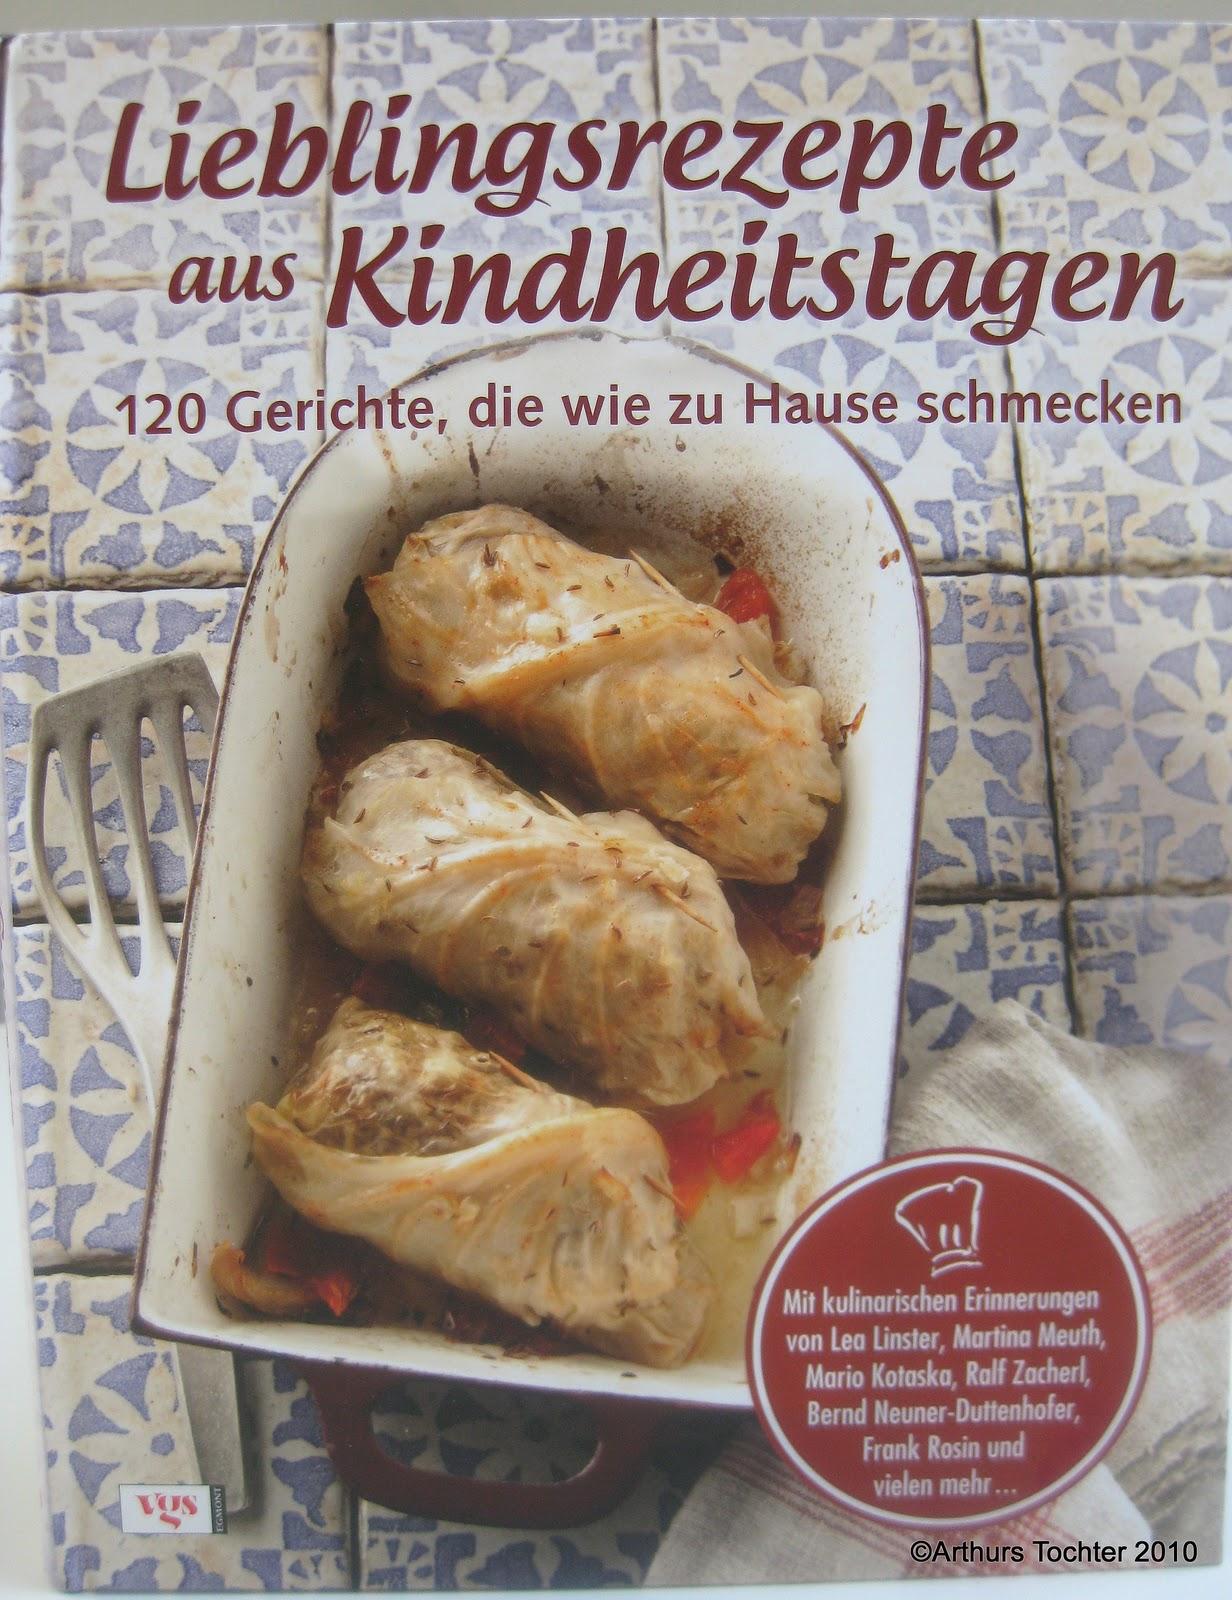 Lieblingsrezepte aus Kindheitstagen - meine zweite Mitarbeit an einem Kochbuch! | Arthurs Tochter Kocht by Astrid Paul